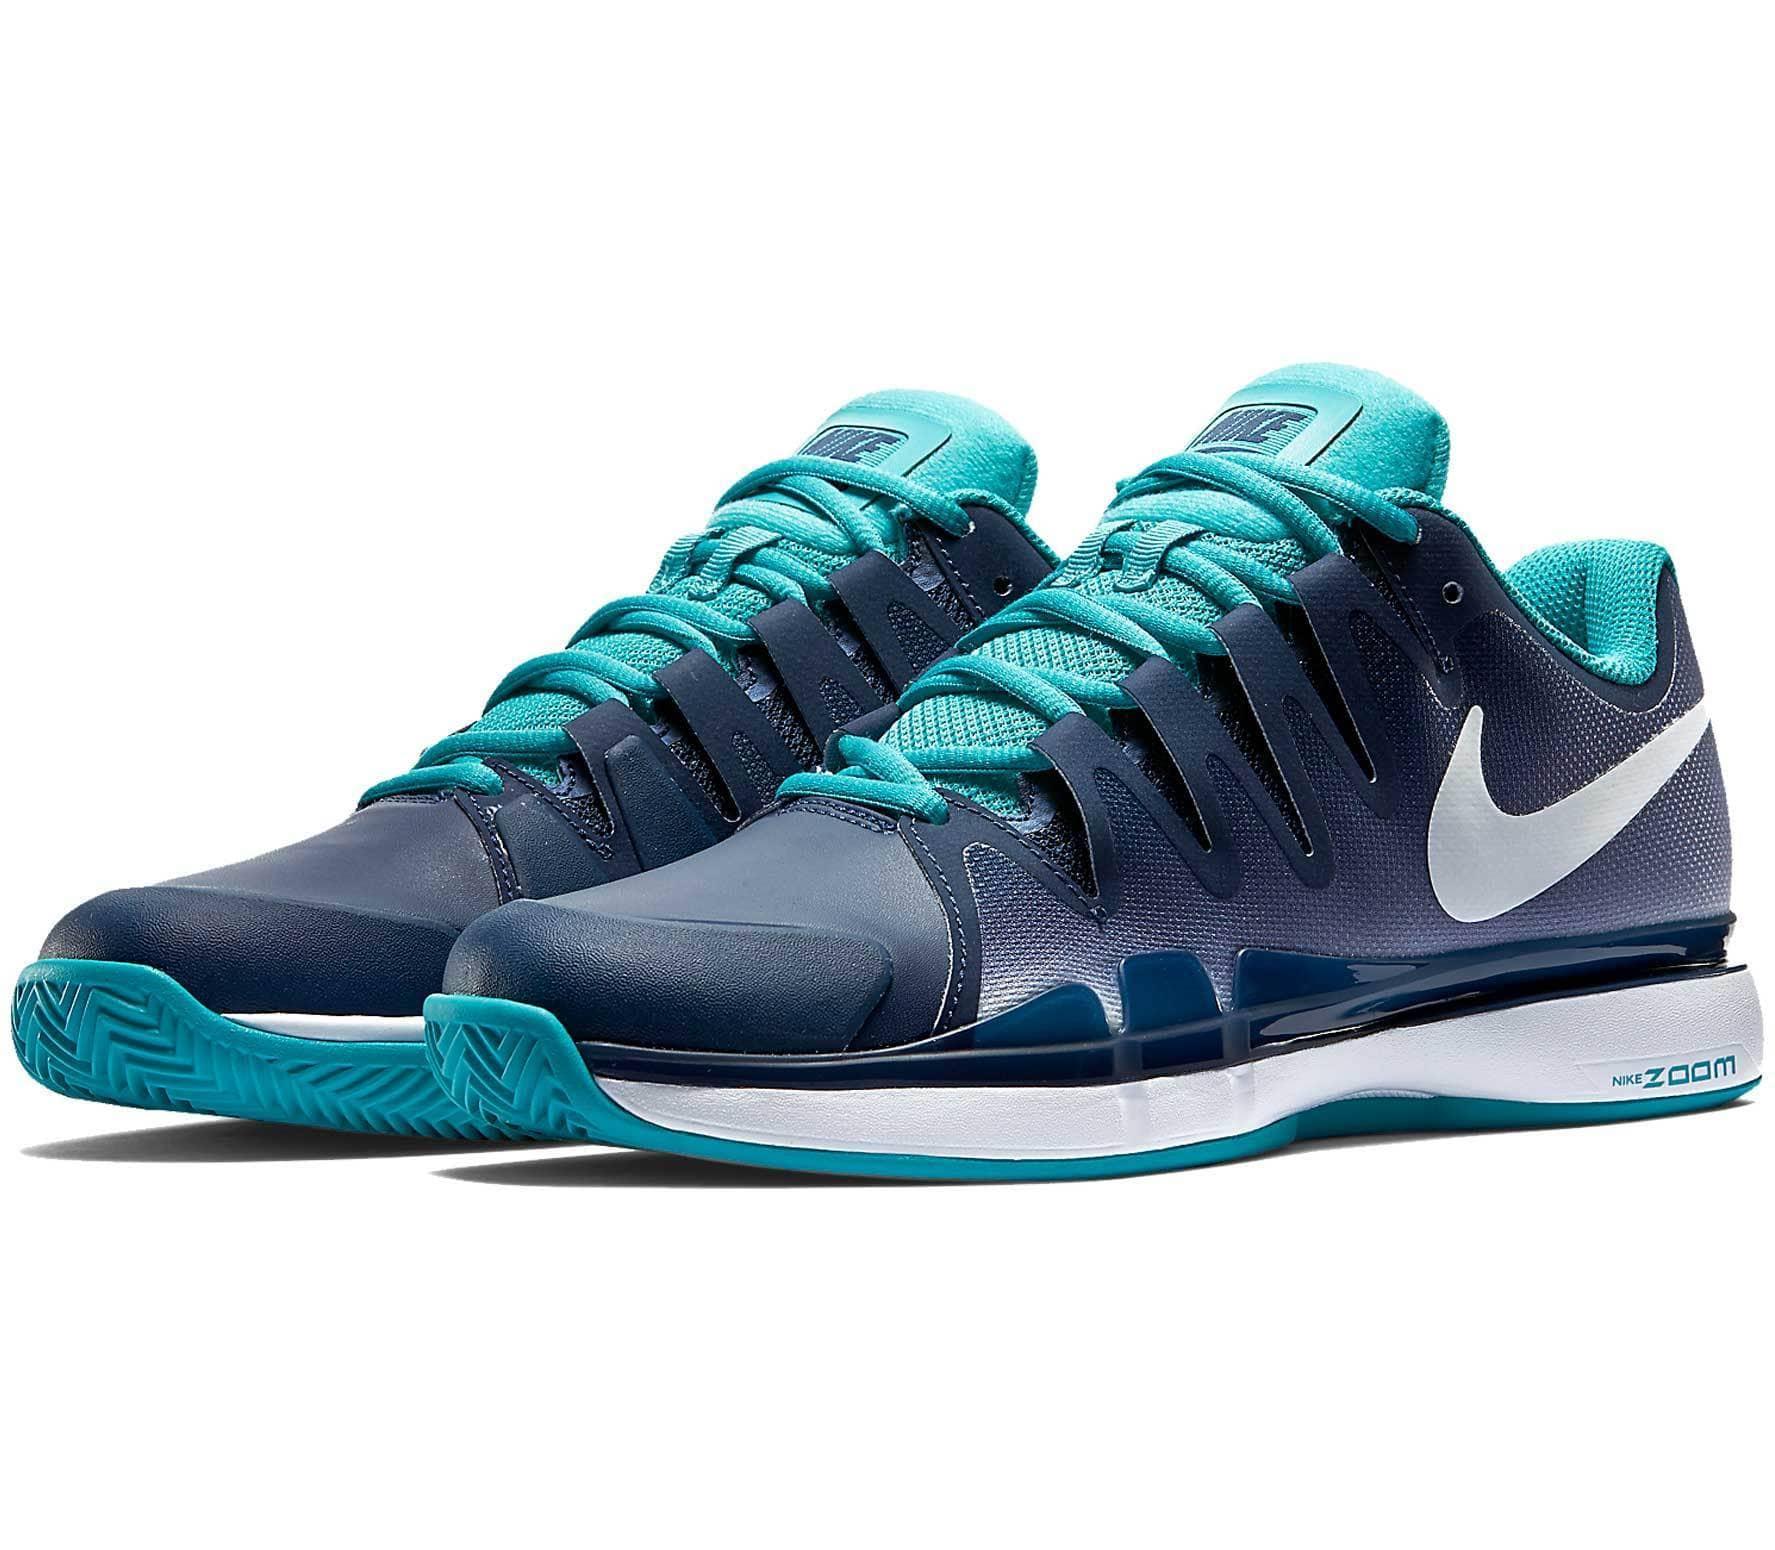 info for 2acd3 37671 Nike - Zoom Vapor 9.5 Tour Clay Hommes Chaussure de tennis (bleu  foncé turquoise